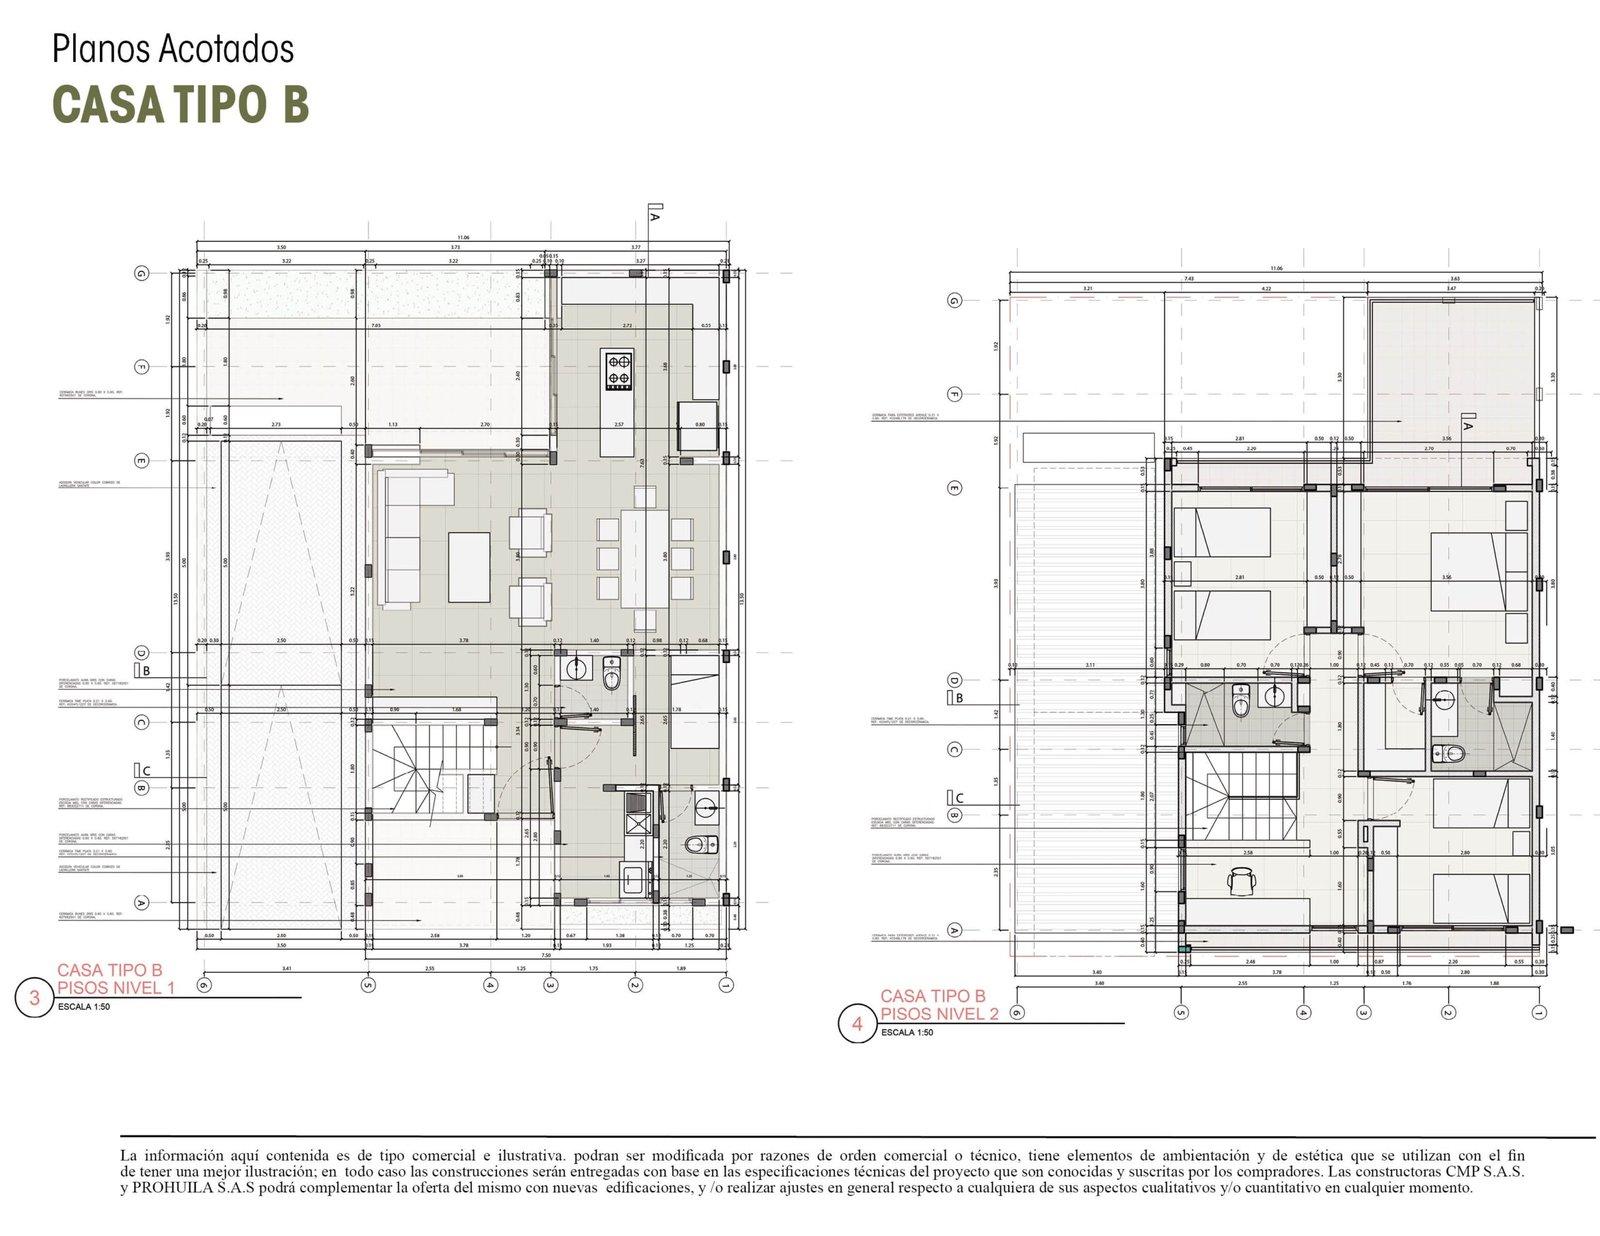 planos-012-scaled-1.jpeg